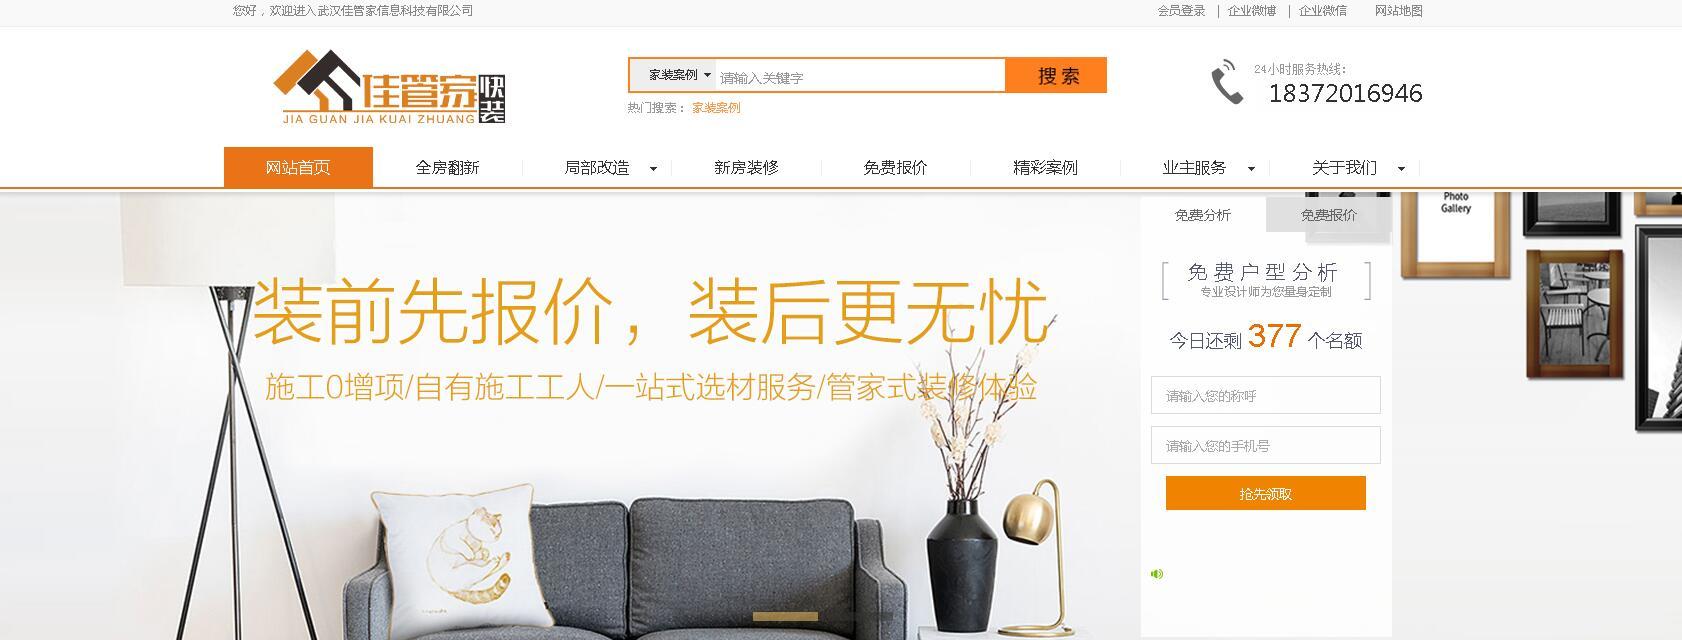 乐后屋装企营销平台热烈祝贺武汉佳管家快装2018新版官方网站上线